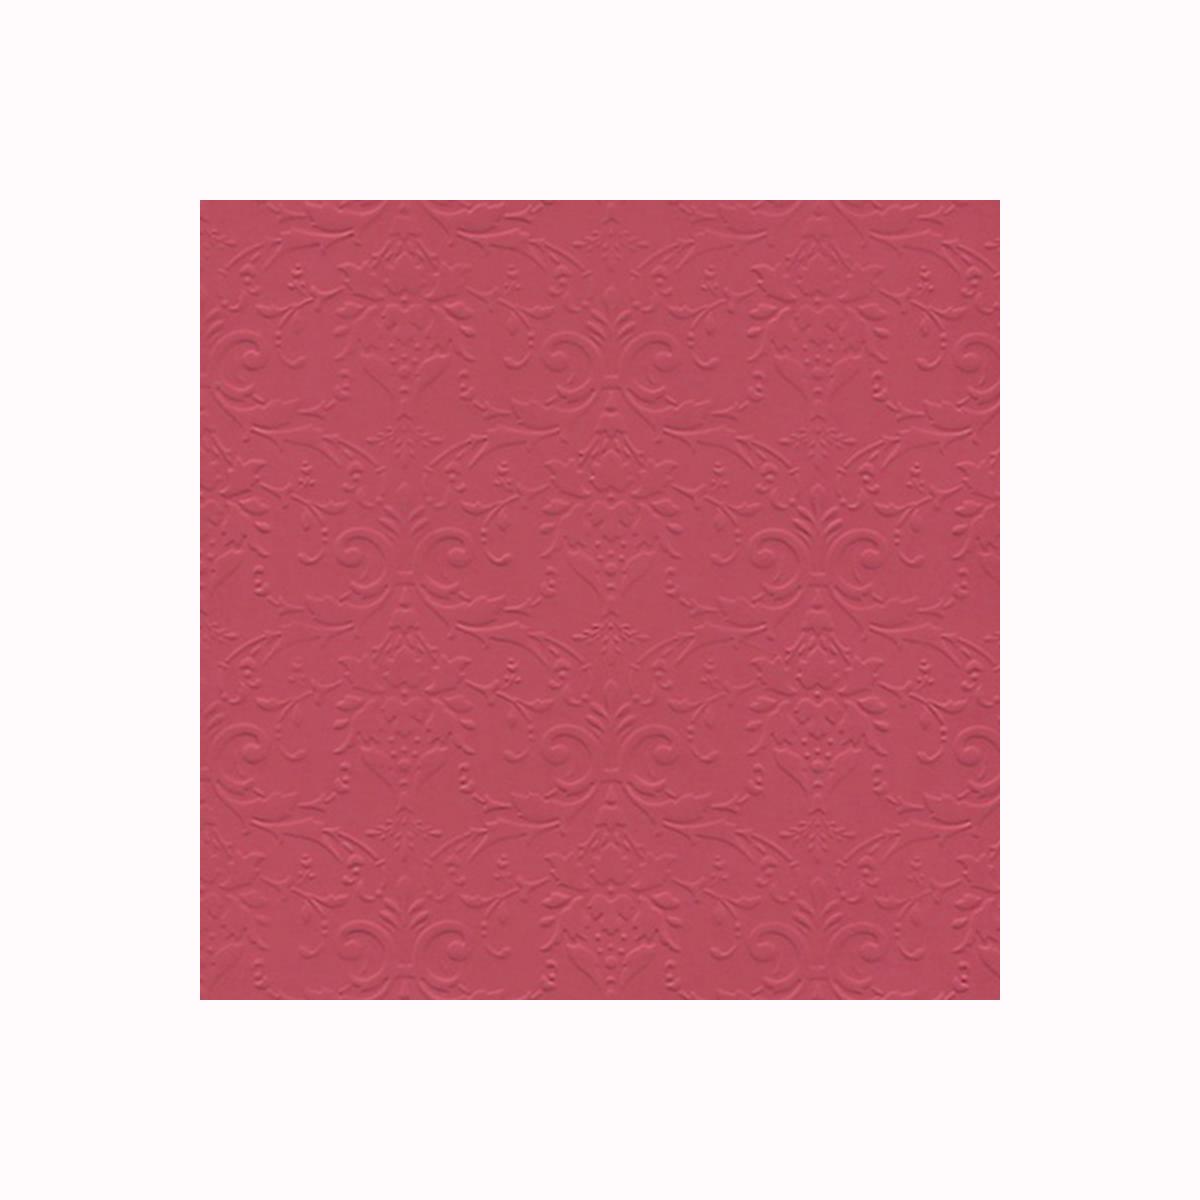 Бумага фактурная Лоза Дамасский узор, цвет: красный, 3 листа582975_БР003-10 красныйФактурная бумага для скрапбукинга Лоза Дамасский узор позволит создать красивый альбом, фоторамку или открытку ручной работы, оформить подарок или аппликацию. Набор включает в себя 3 листа из плотной бумаги. Скрапбукинг - это хобби, которое способно приносить массу приятных эмоций не только человеку, который этим занимается, но и его близким, друзьям, родным. Это невероятно увлекательное занятие, которое поможет вам сохранить наиболее памятные и яркие моменты вашей жизни, а также интересно оформить интерьер дома.Плотность бумаги: 200 г/м2.